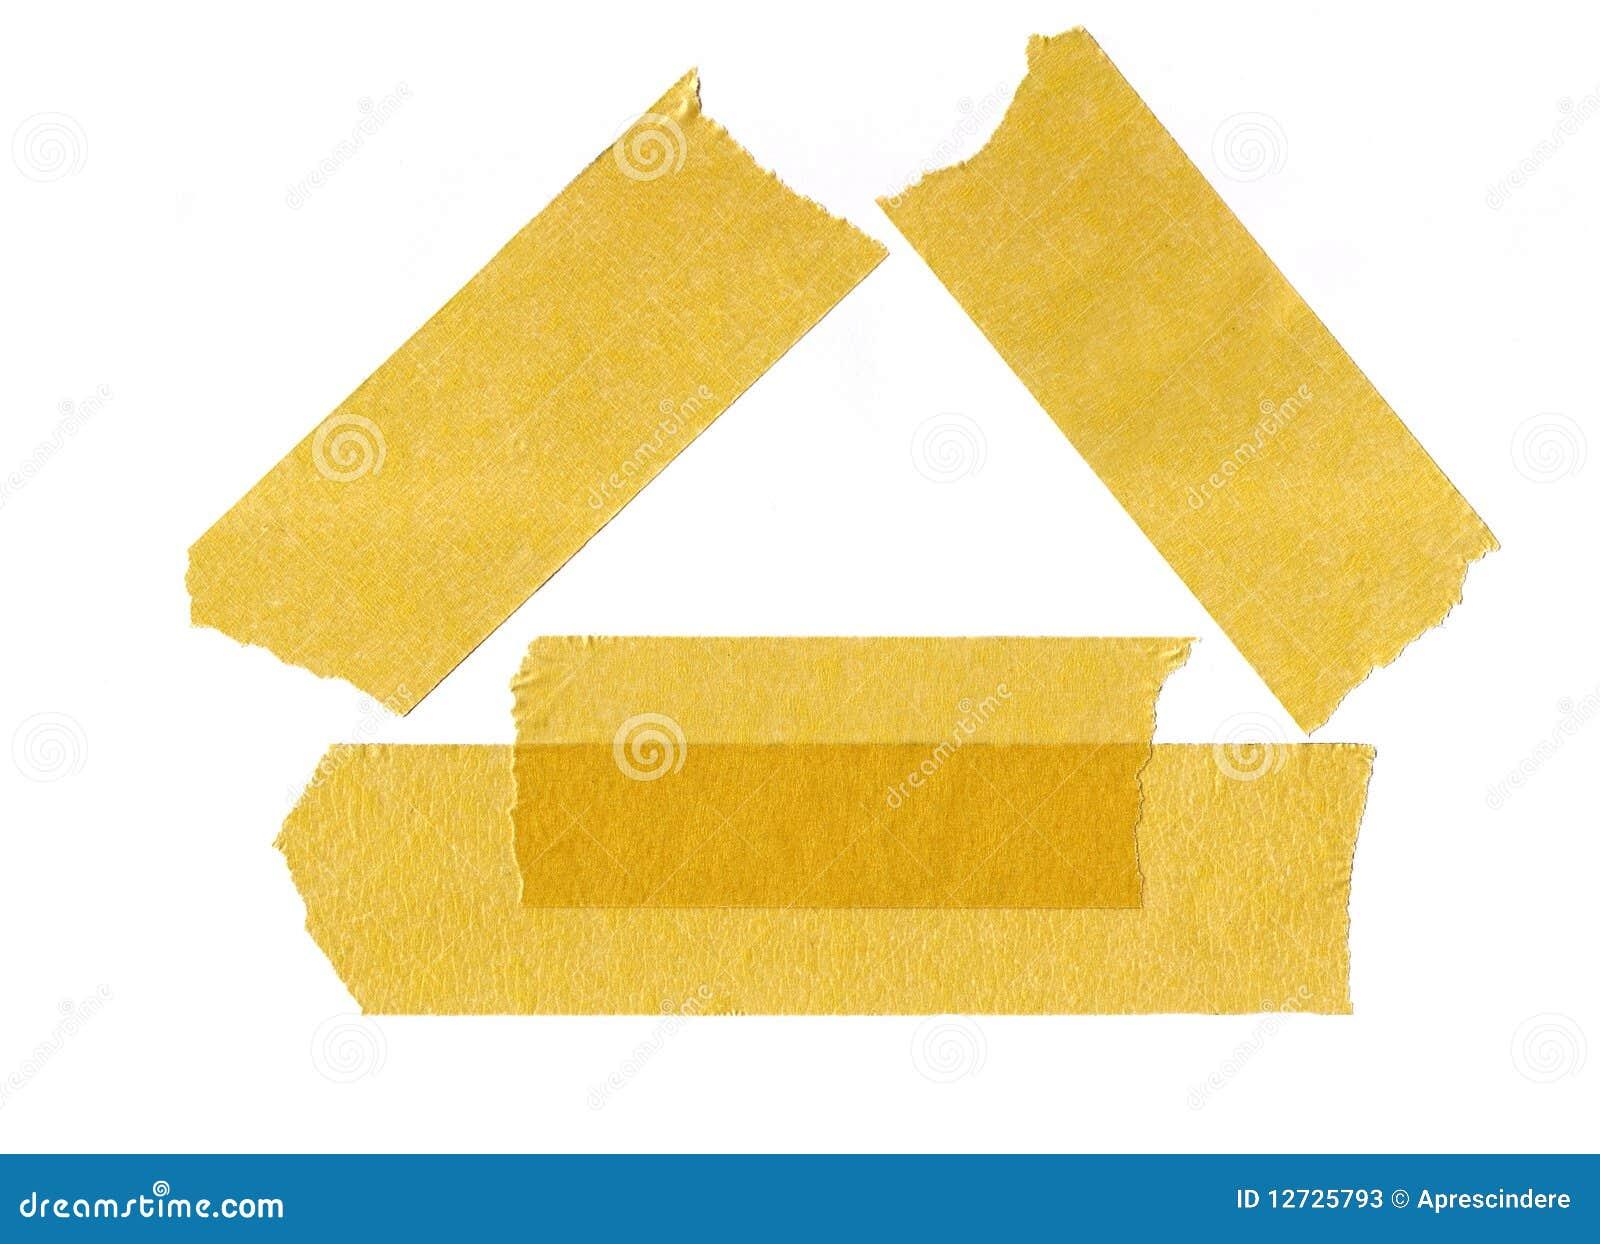 Masking Tape Stock Image. Image Of Grunge, Paper, Edge